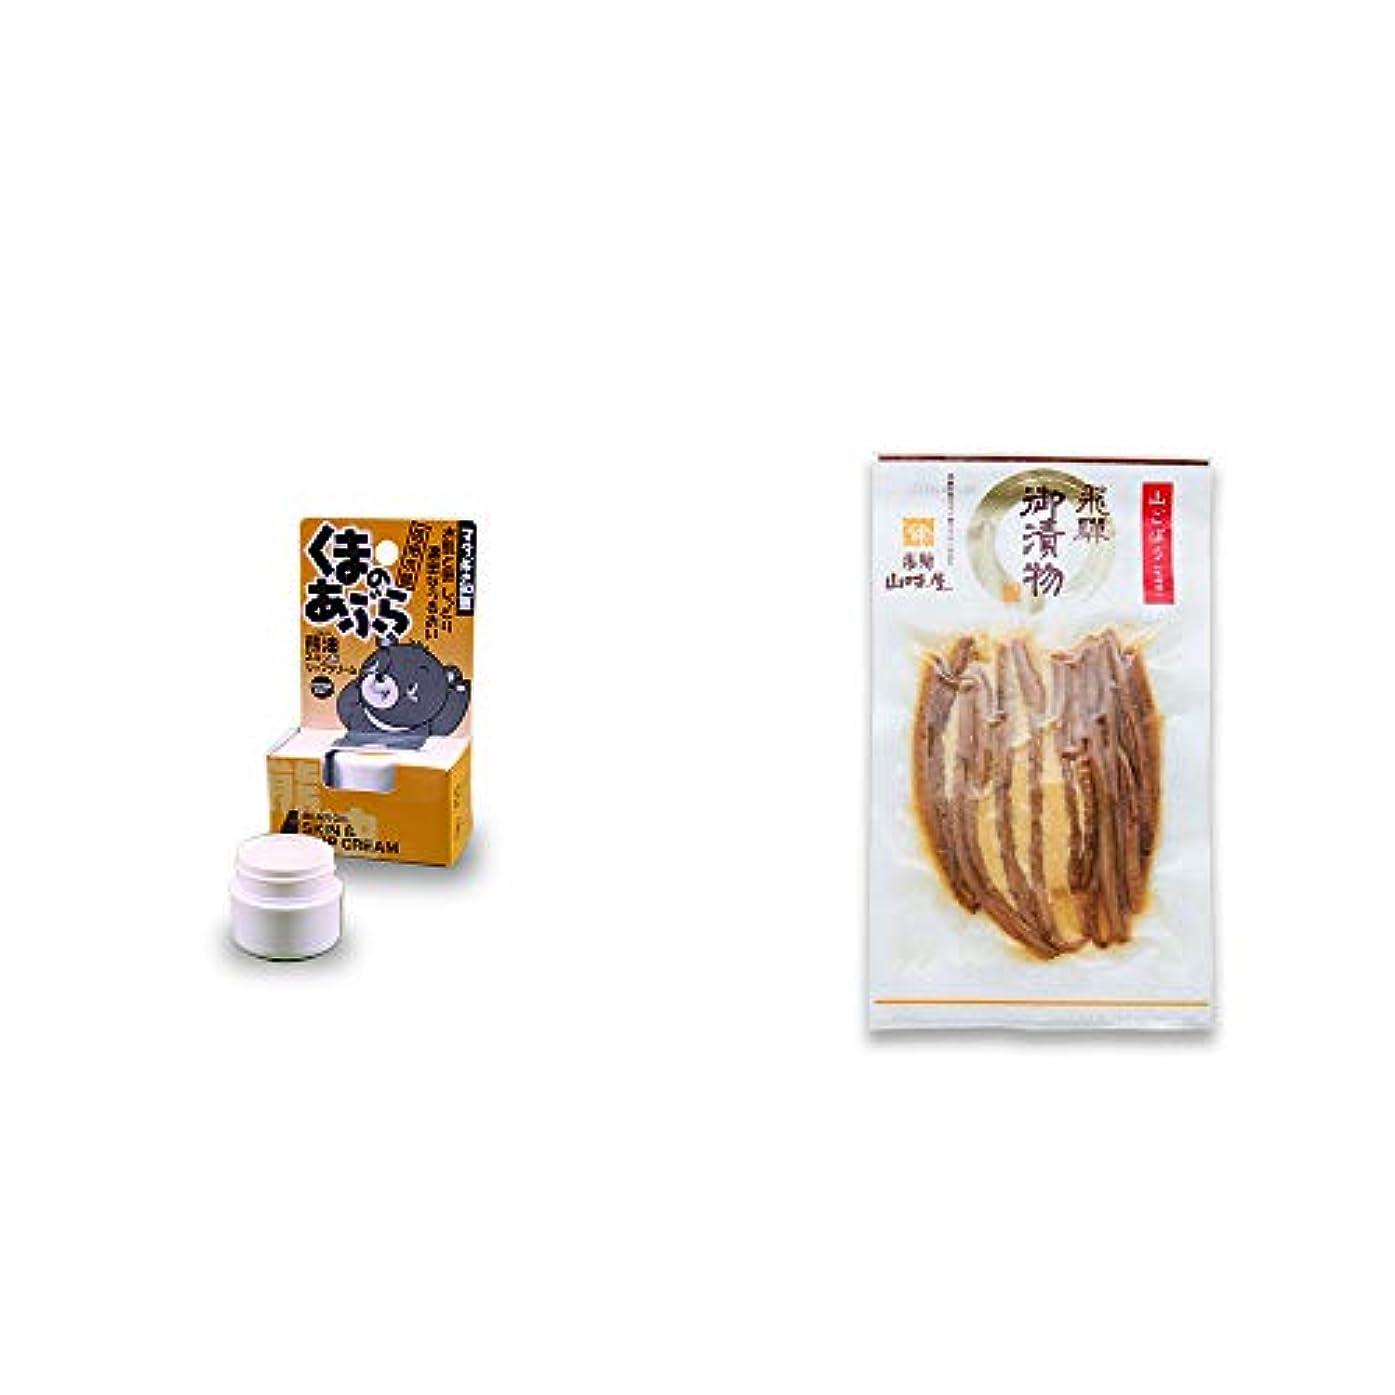 案件検閲疾患[2点セット] 信州木曽 くまのあぶら 熊油スキン&リップクリーム(9g)?飛騨山味屋 山ごぼう味噌漬(80g)